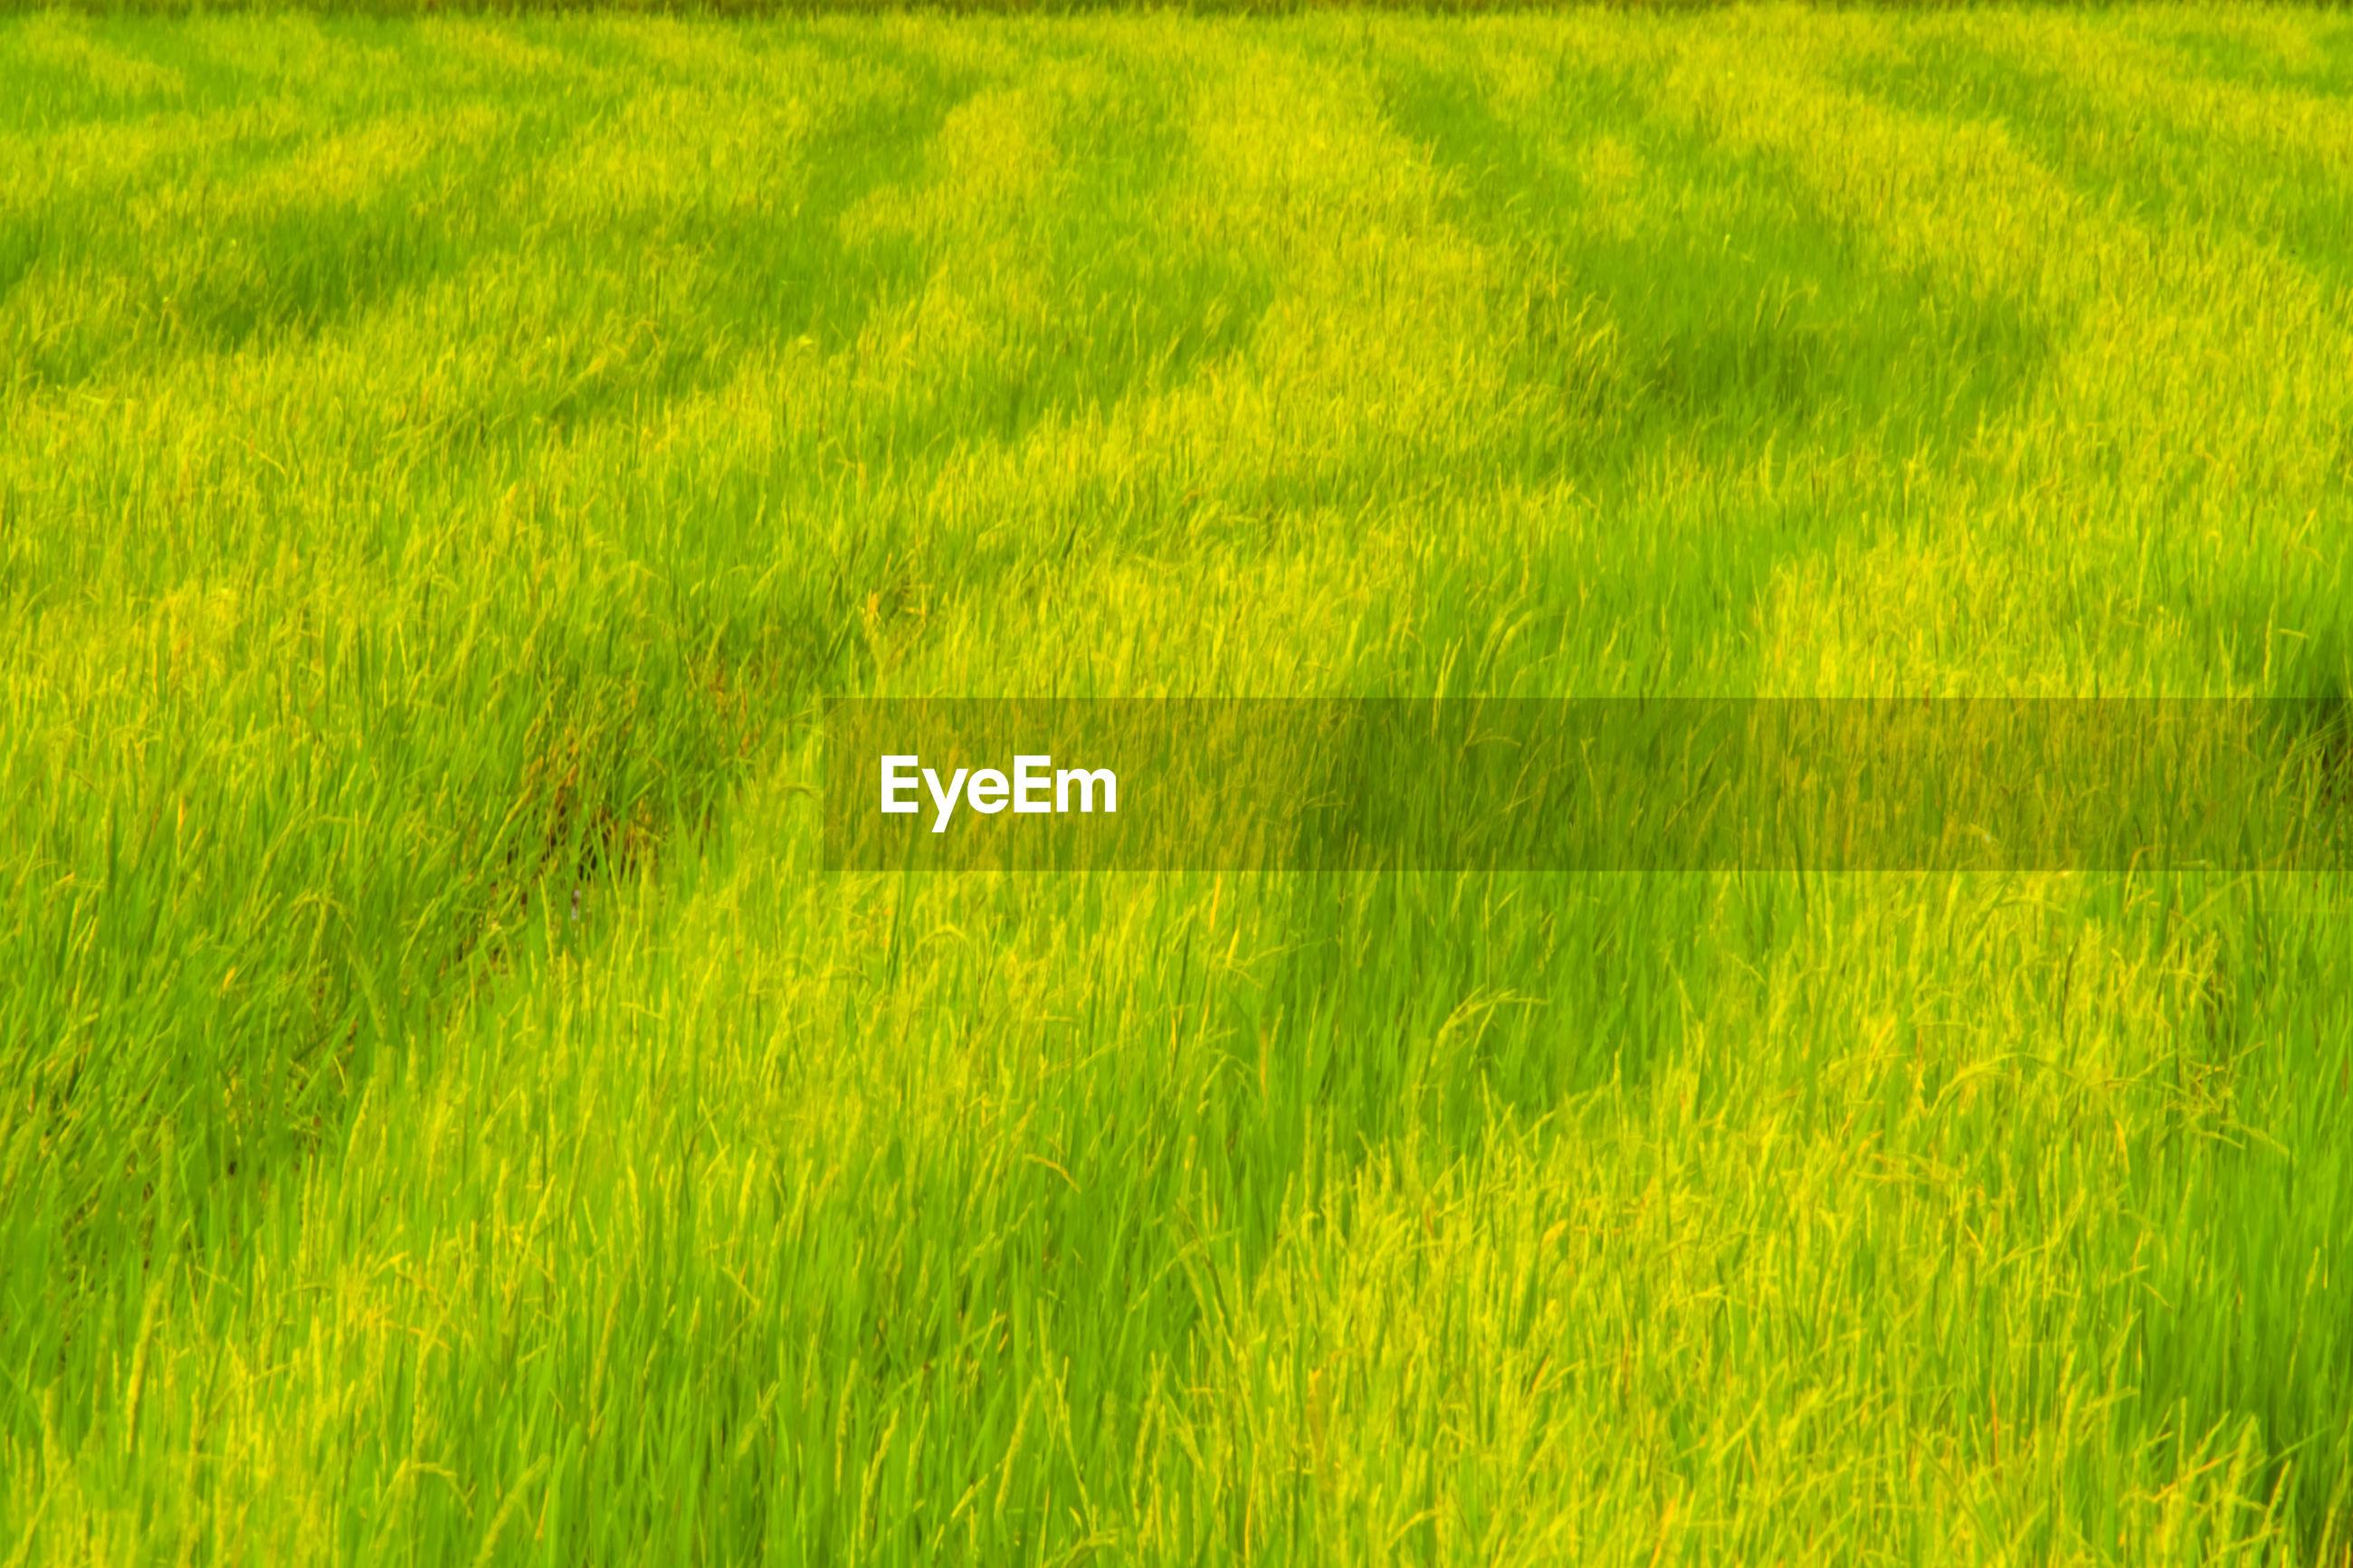 FULL FRAME SHOT OF FRESH GREEN GRASS IN FIELD